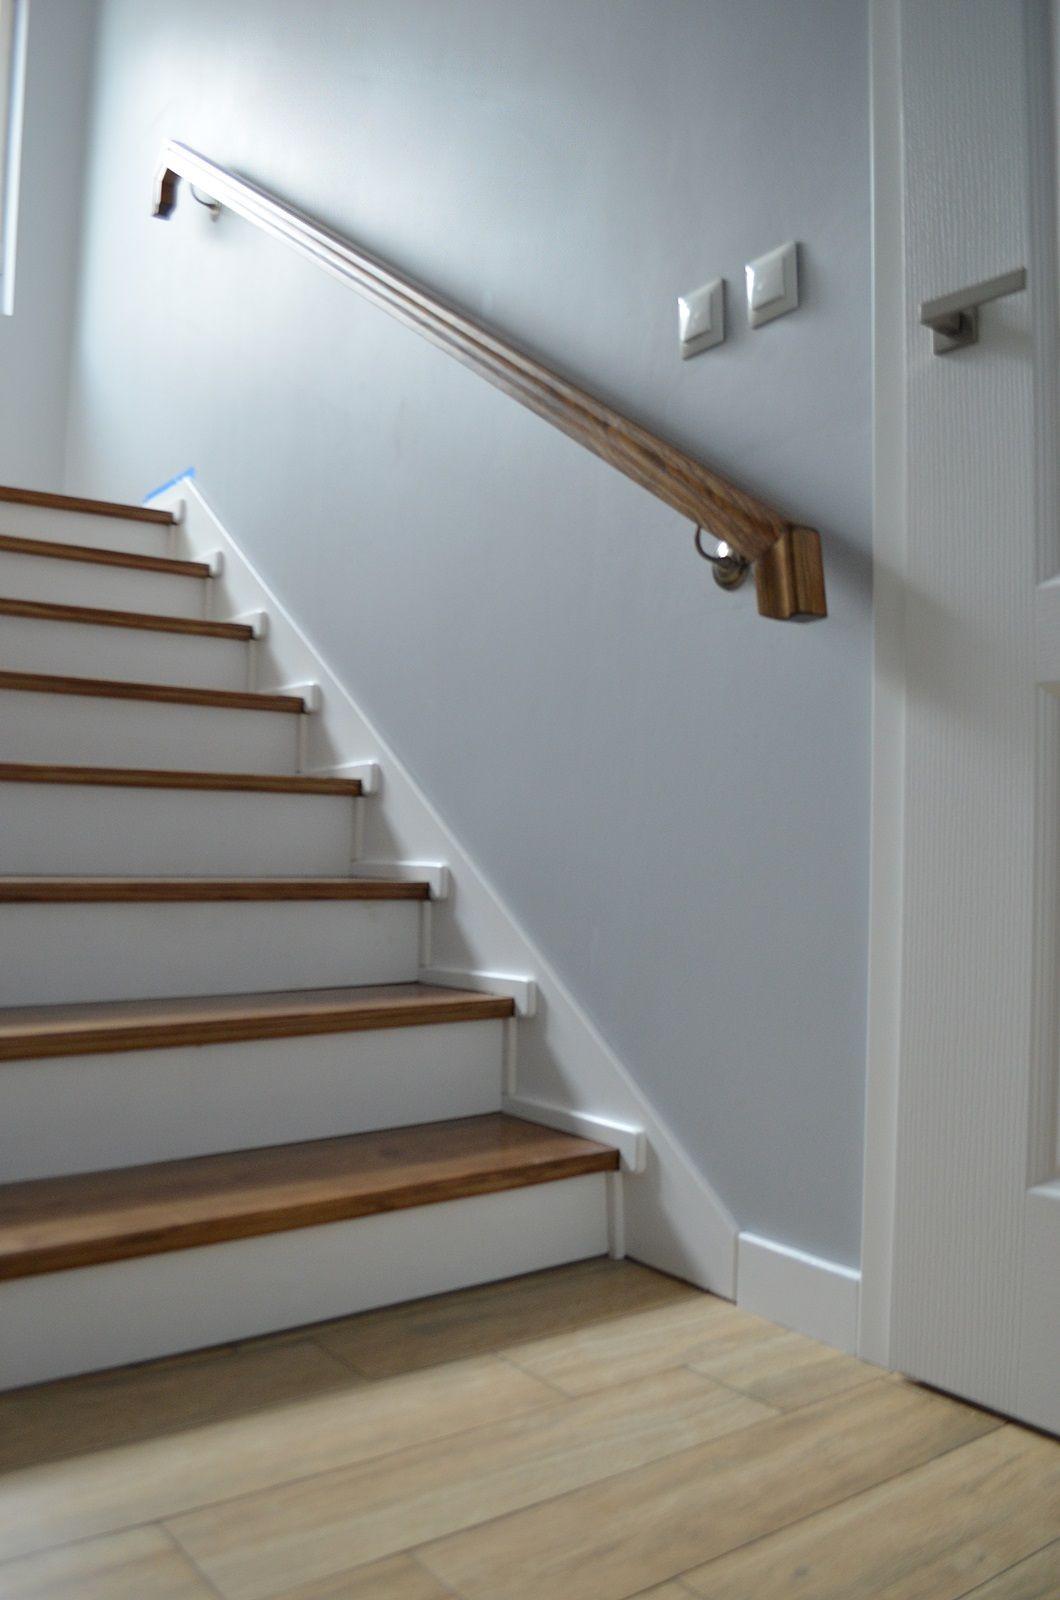 Hardwood Floor Stair Landing Of Diy Jak Odnowia‡ Stare Drewniane Schody Od Inspiracji Do Intended for Diy Jak Odnowia‡ Stare Drewniane Schody Od Inspiracji Do Realizacji